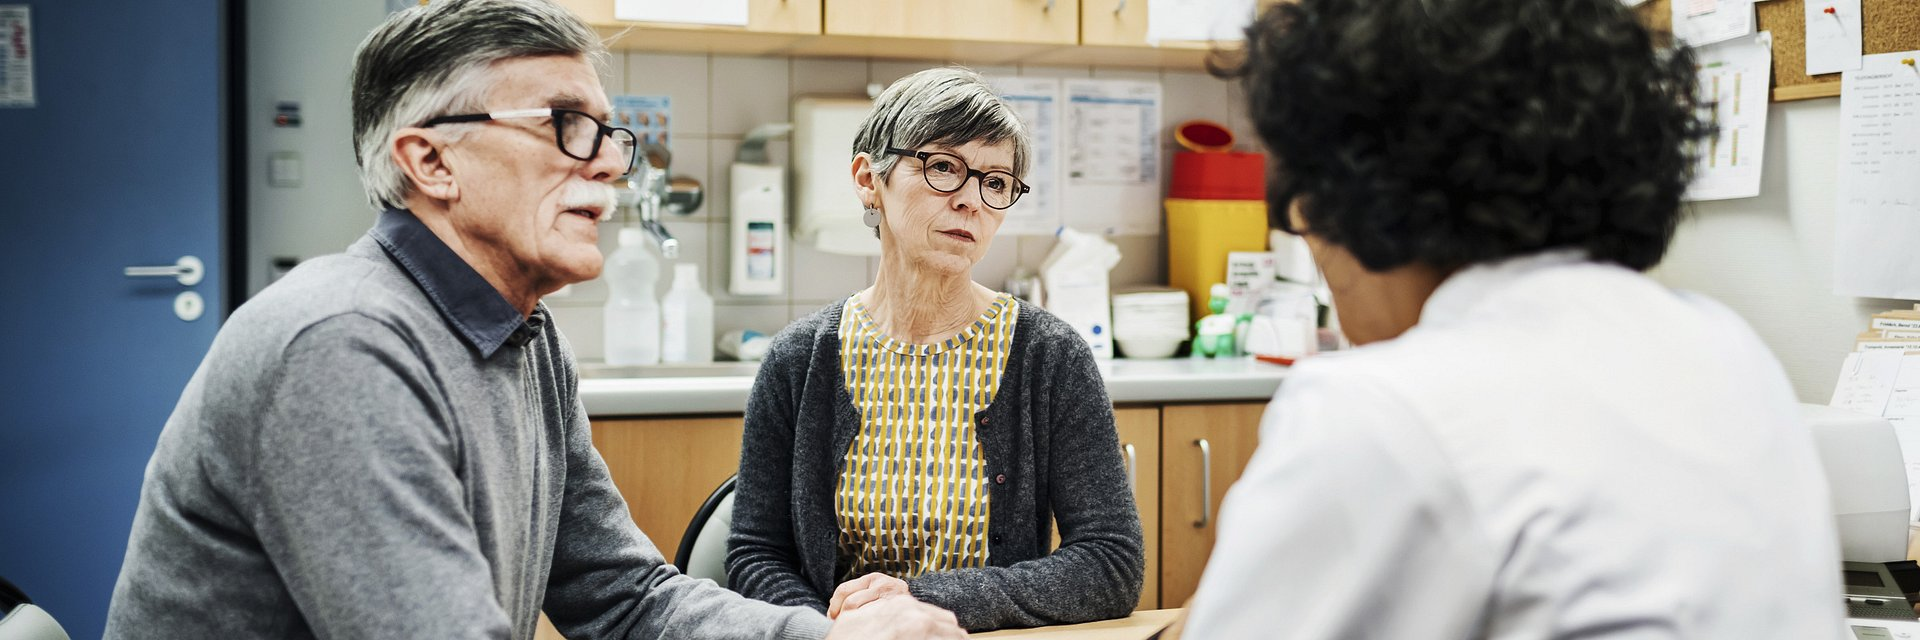 Polacy przekonują się do profilaktyki – co drugi przynajmniej raz w roku wykonuje badania kontrolne